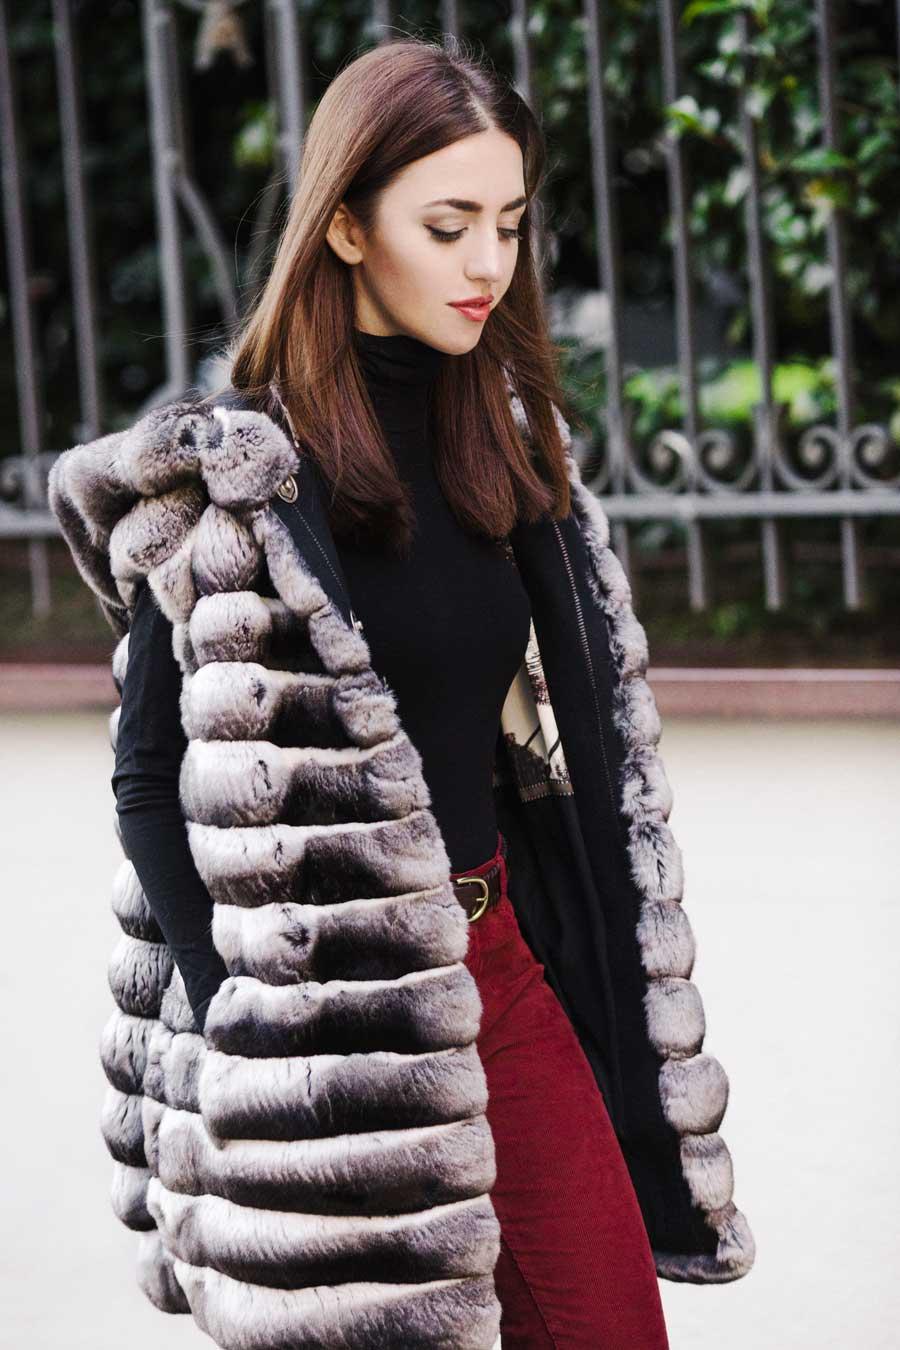 pelliccia chinchilla lady fur